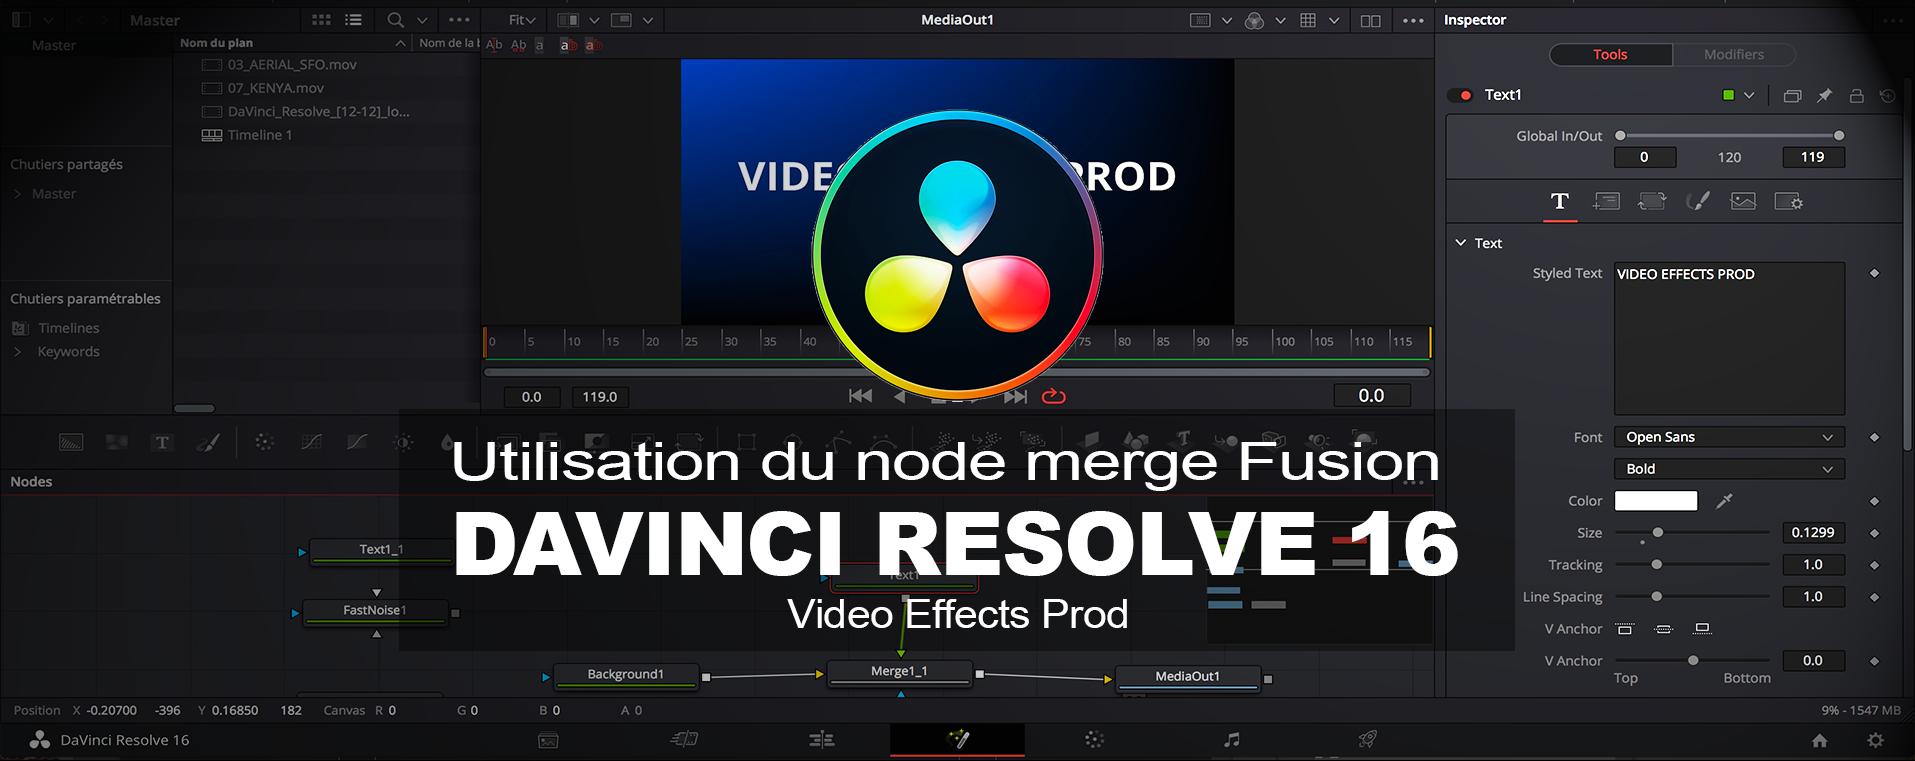 DaVinci Resolve : Utilisation du node Merge dans la page Fusion